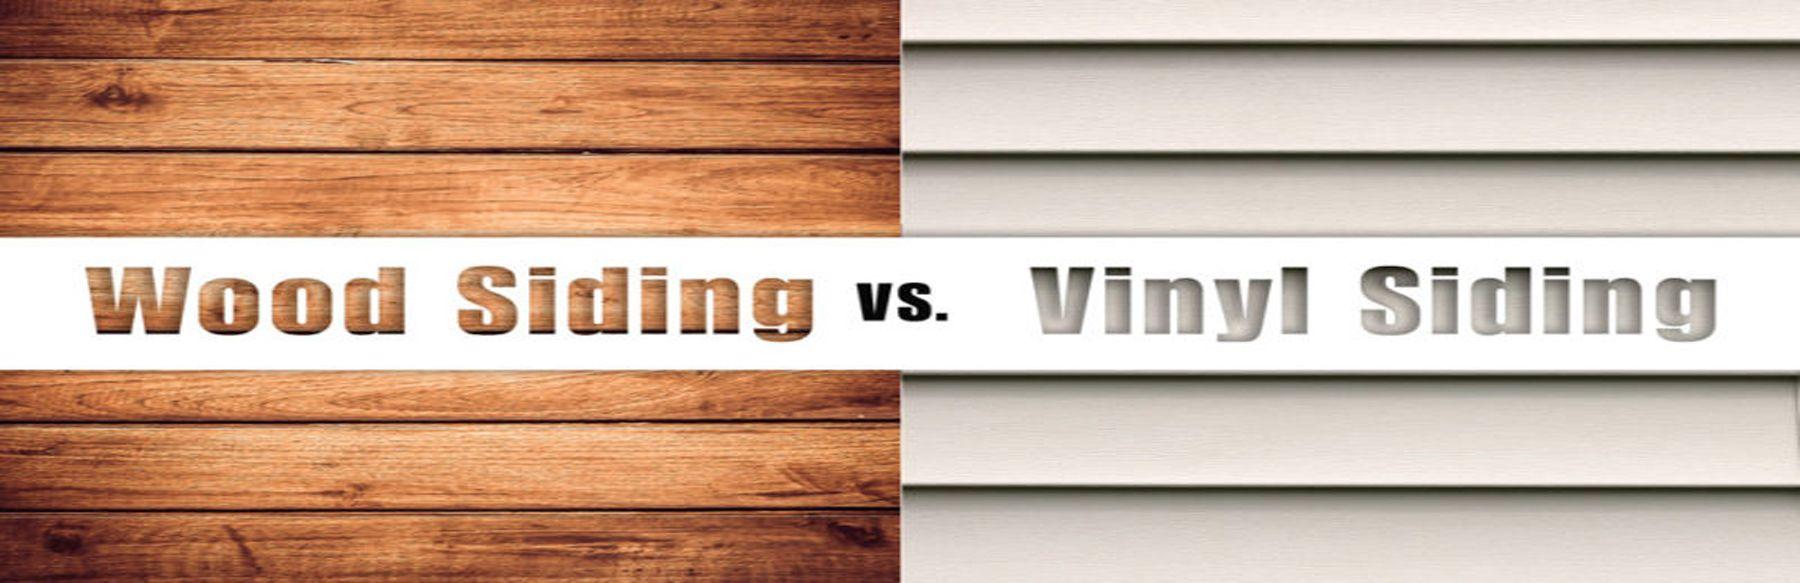 Vinyl Siding Vs Wood Flooring Ideas In 2020 Vinyl Siding Wood Siding Composite Wood Siding